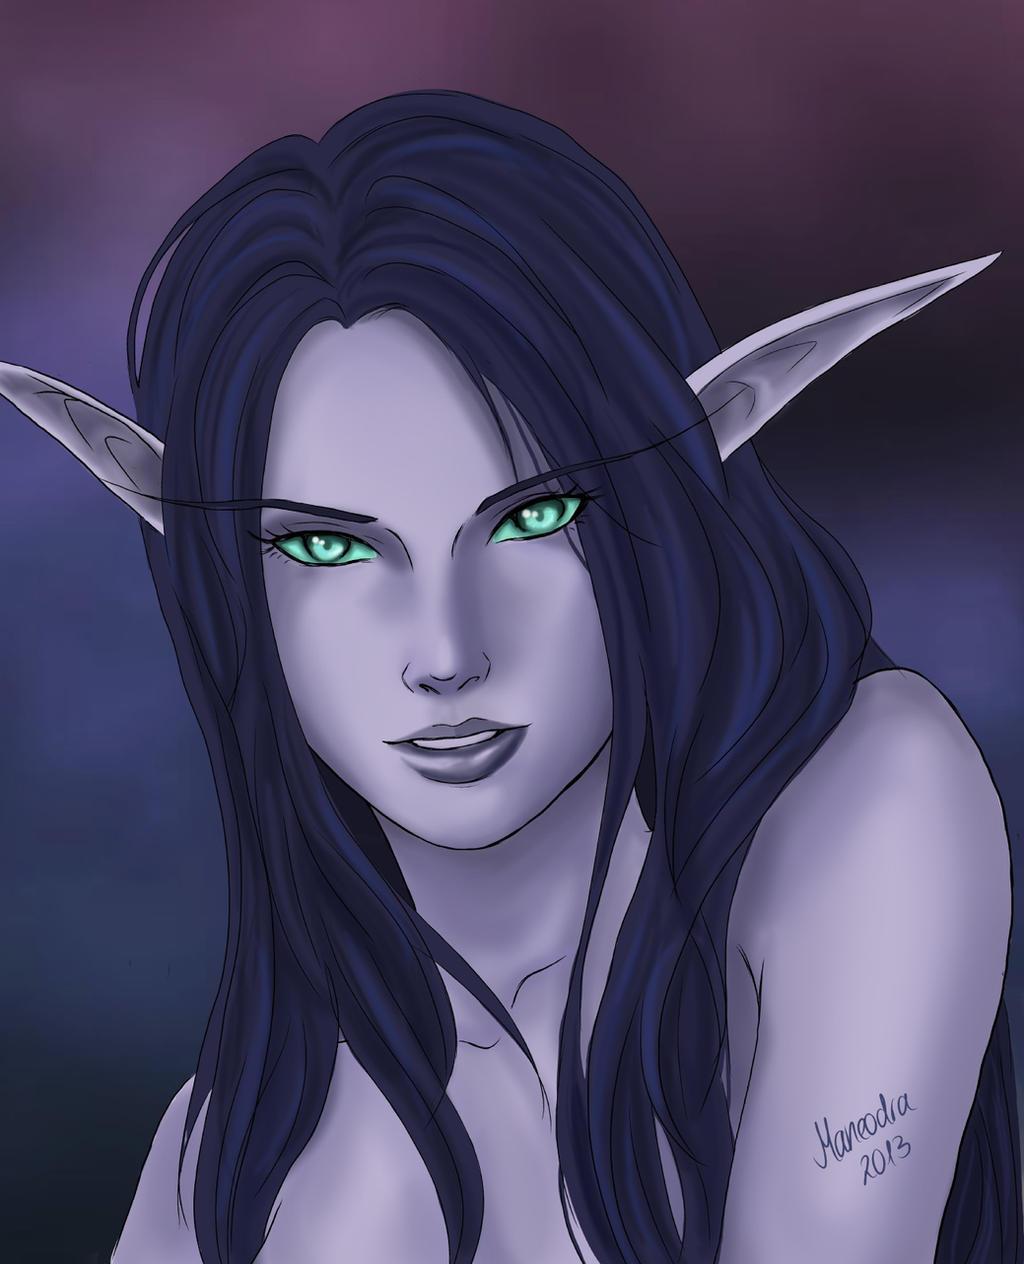 Night elf rule 34